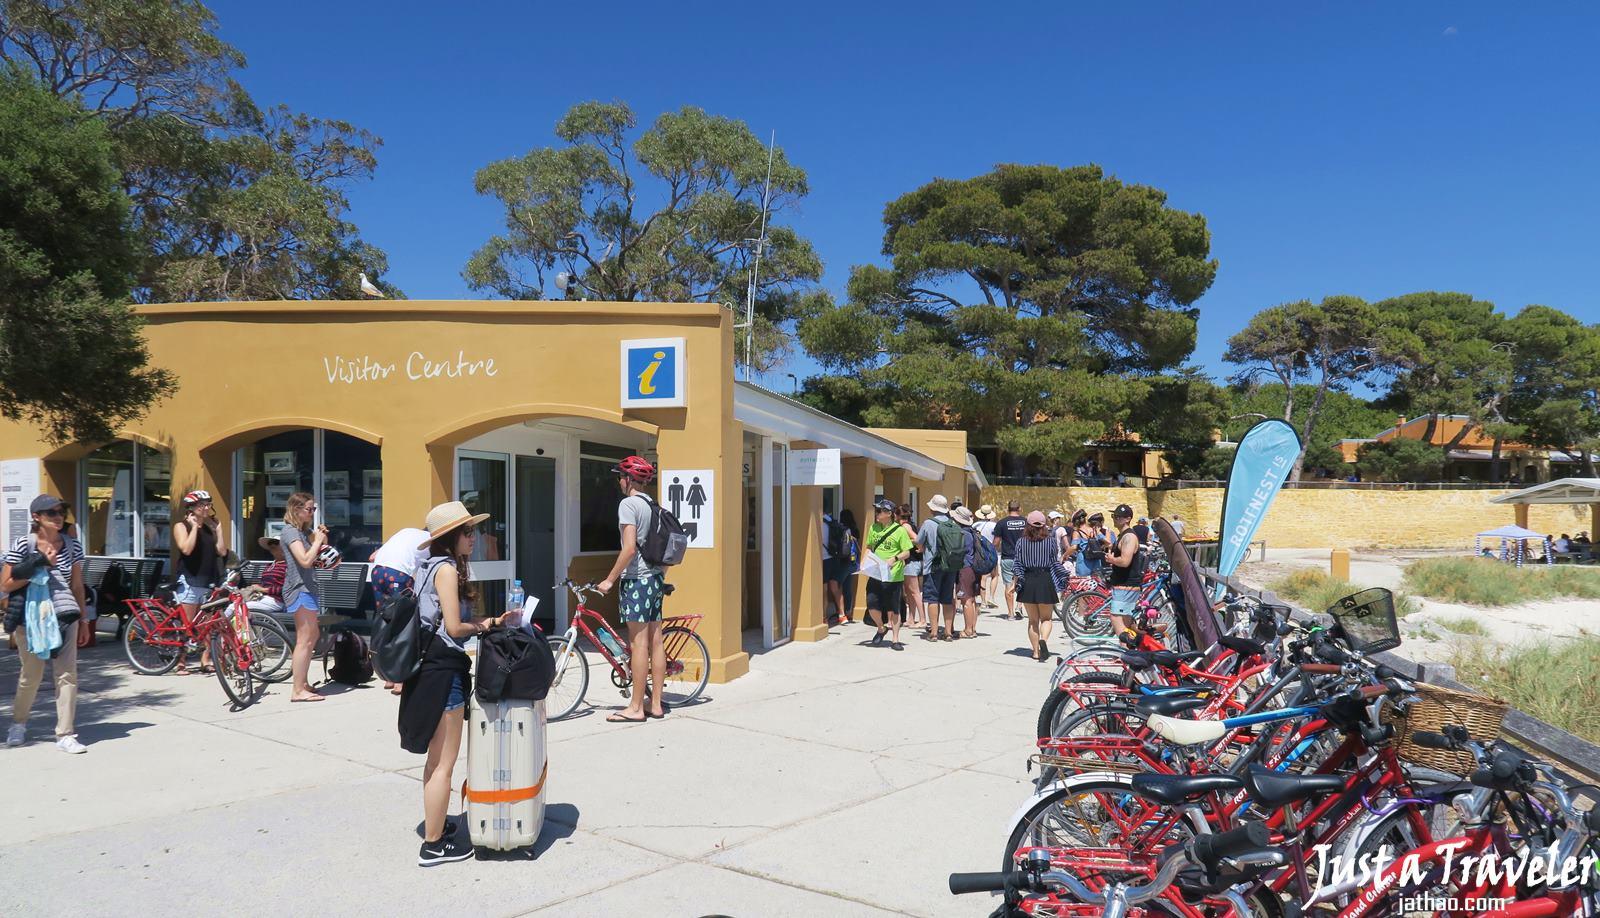 澳洲-西澳-伯斯-景點-羅特尼斯島-Rottnest Island-旅客服務中心-information-centre-推薦-自由行-交通-旅遊-遊記-攻略-行程-一日遊-二日遊-必玩-必遊-Perth